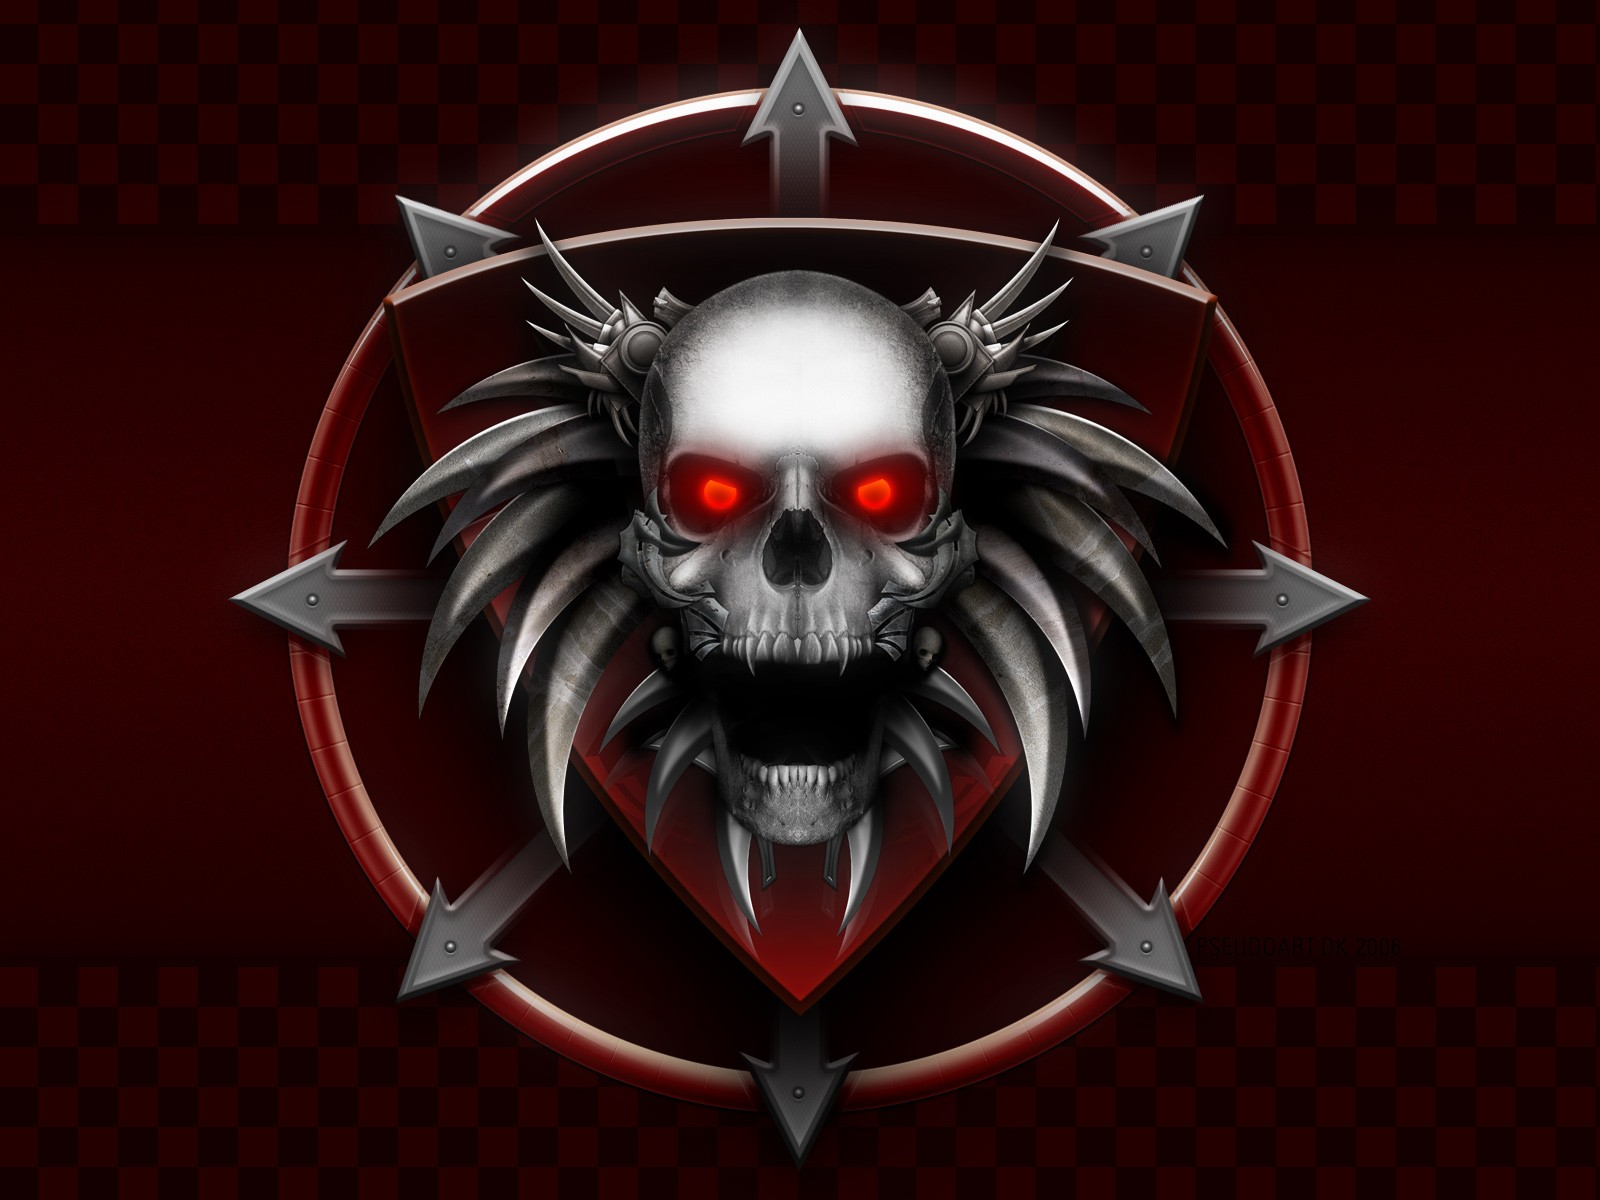 demon skull wallpaper - photo #6